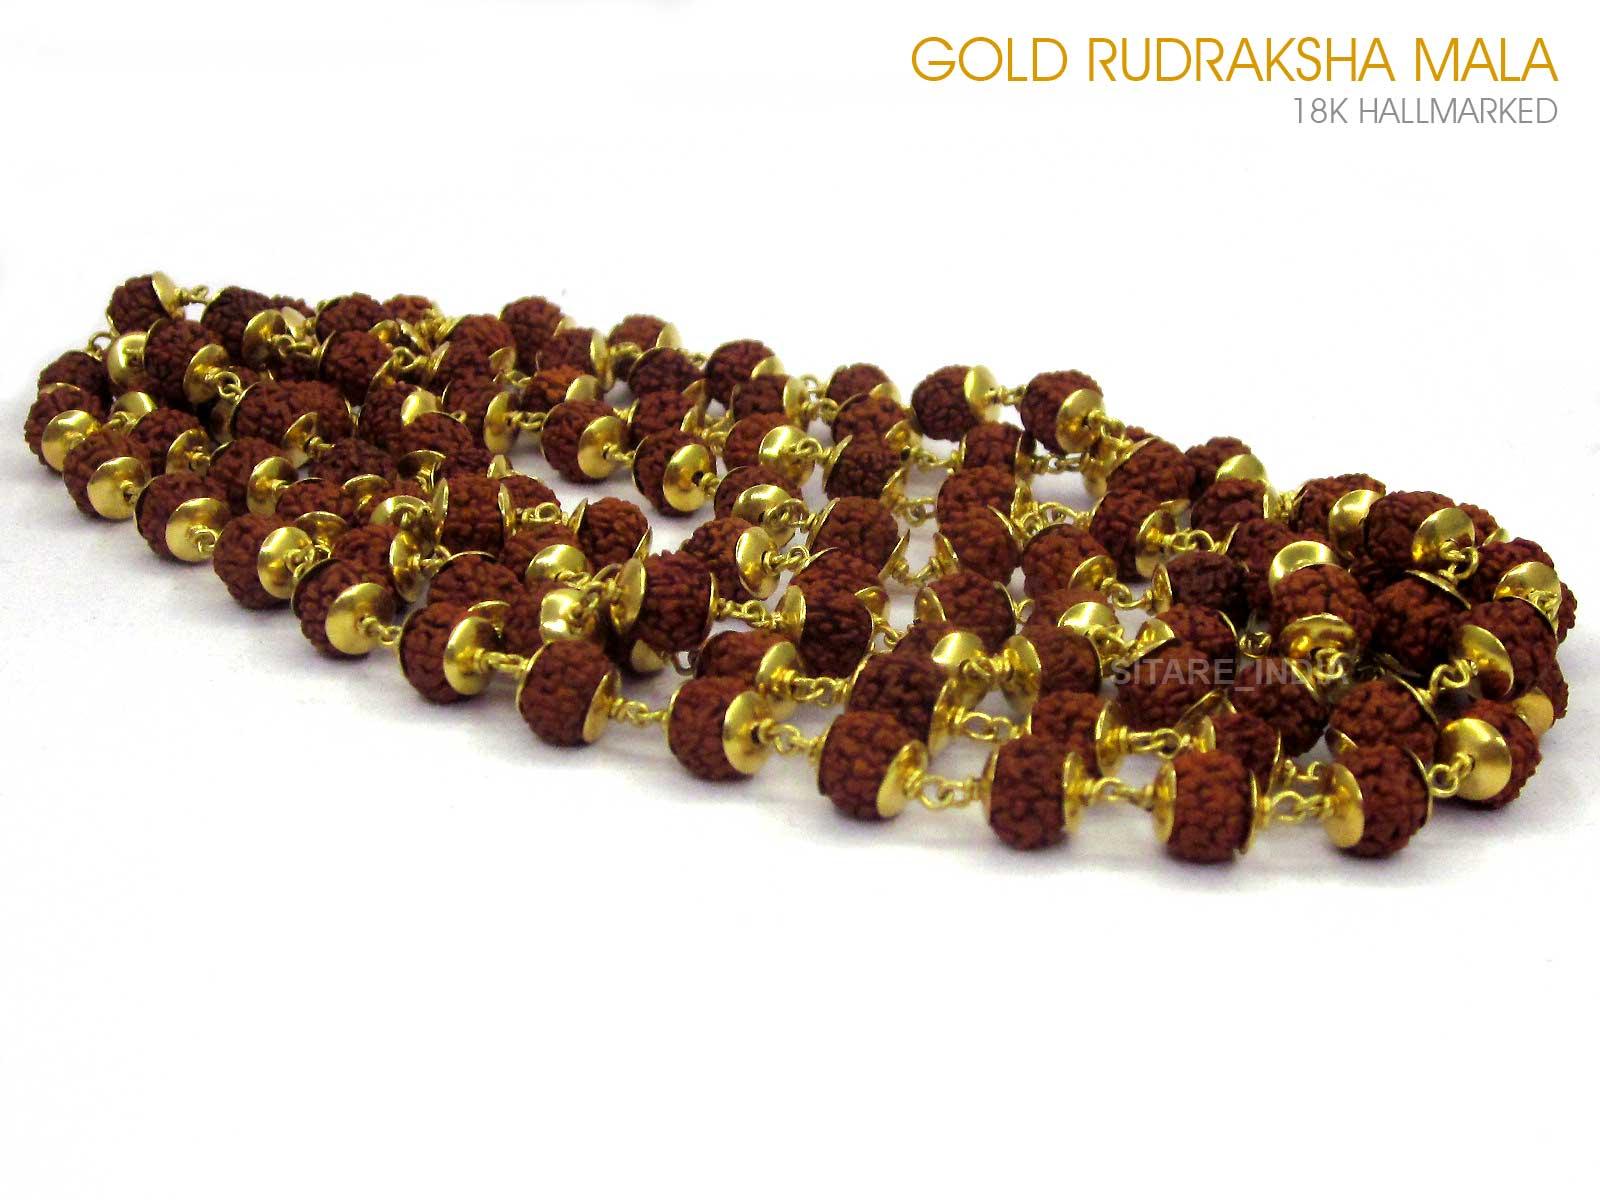 hallmark-gold-rudraksha-malaa